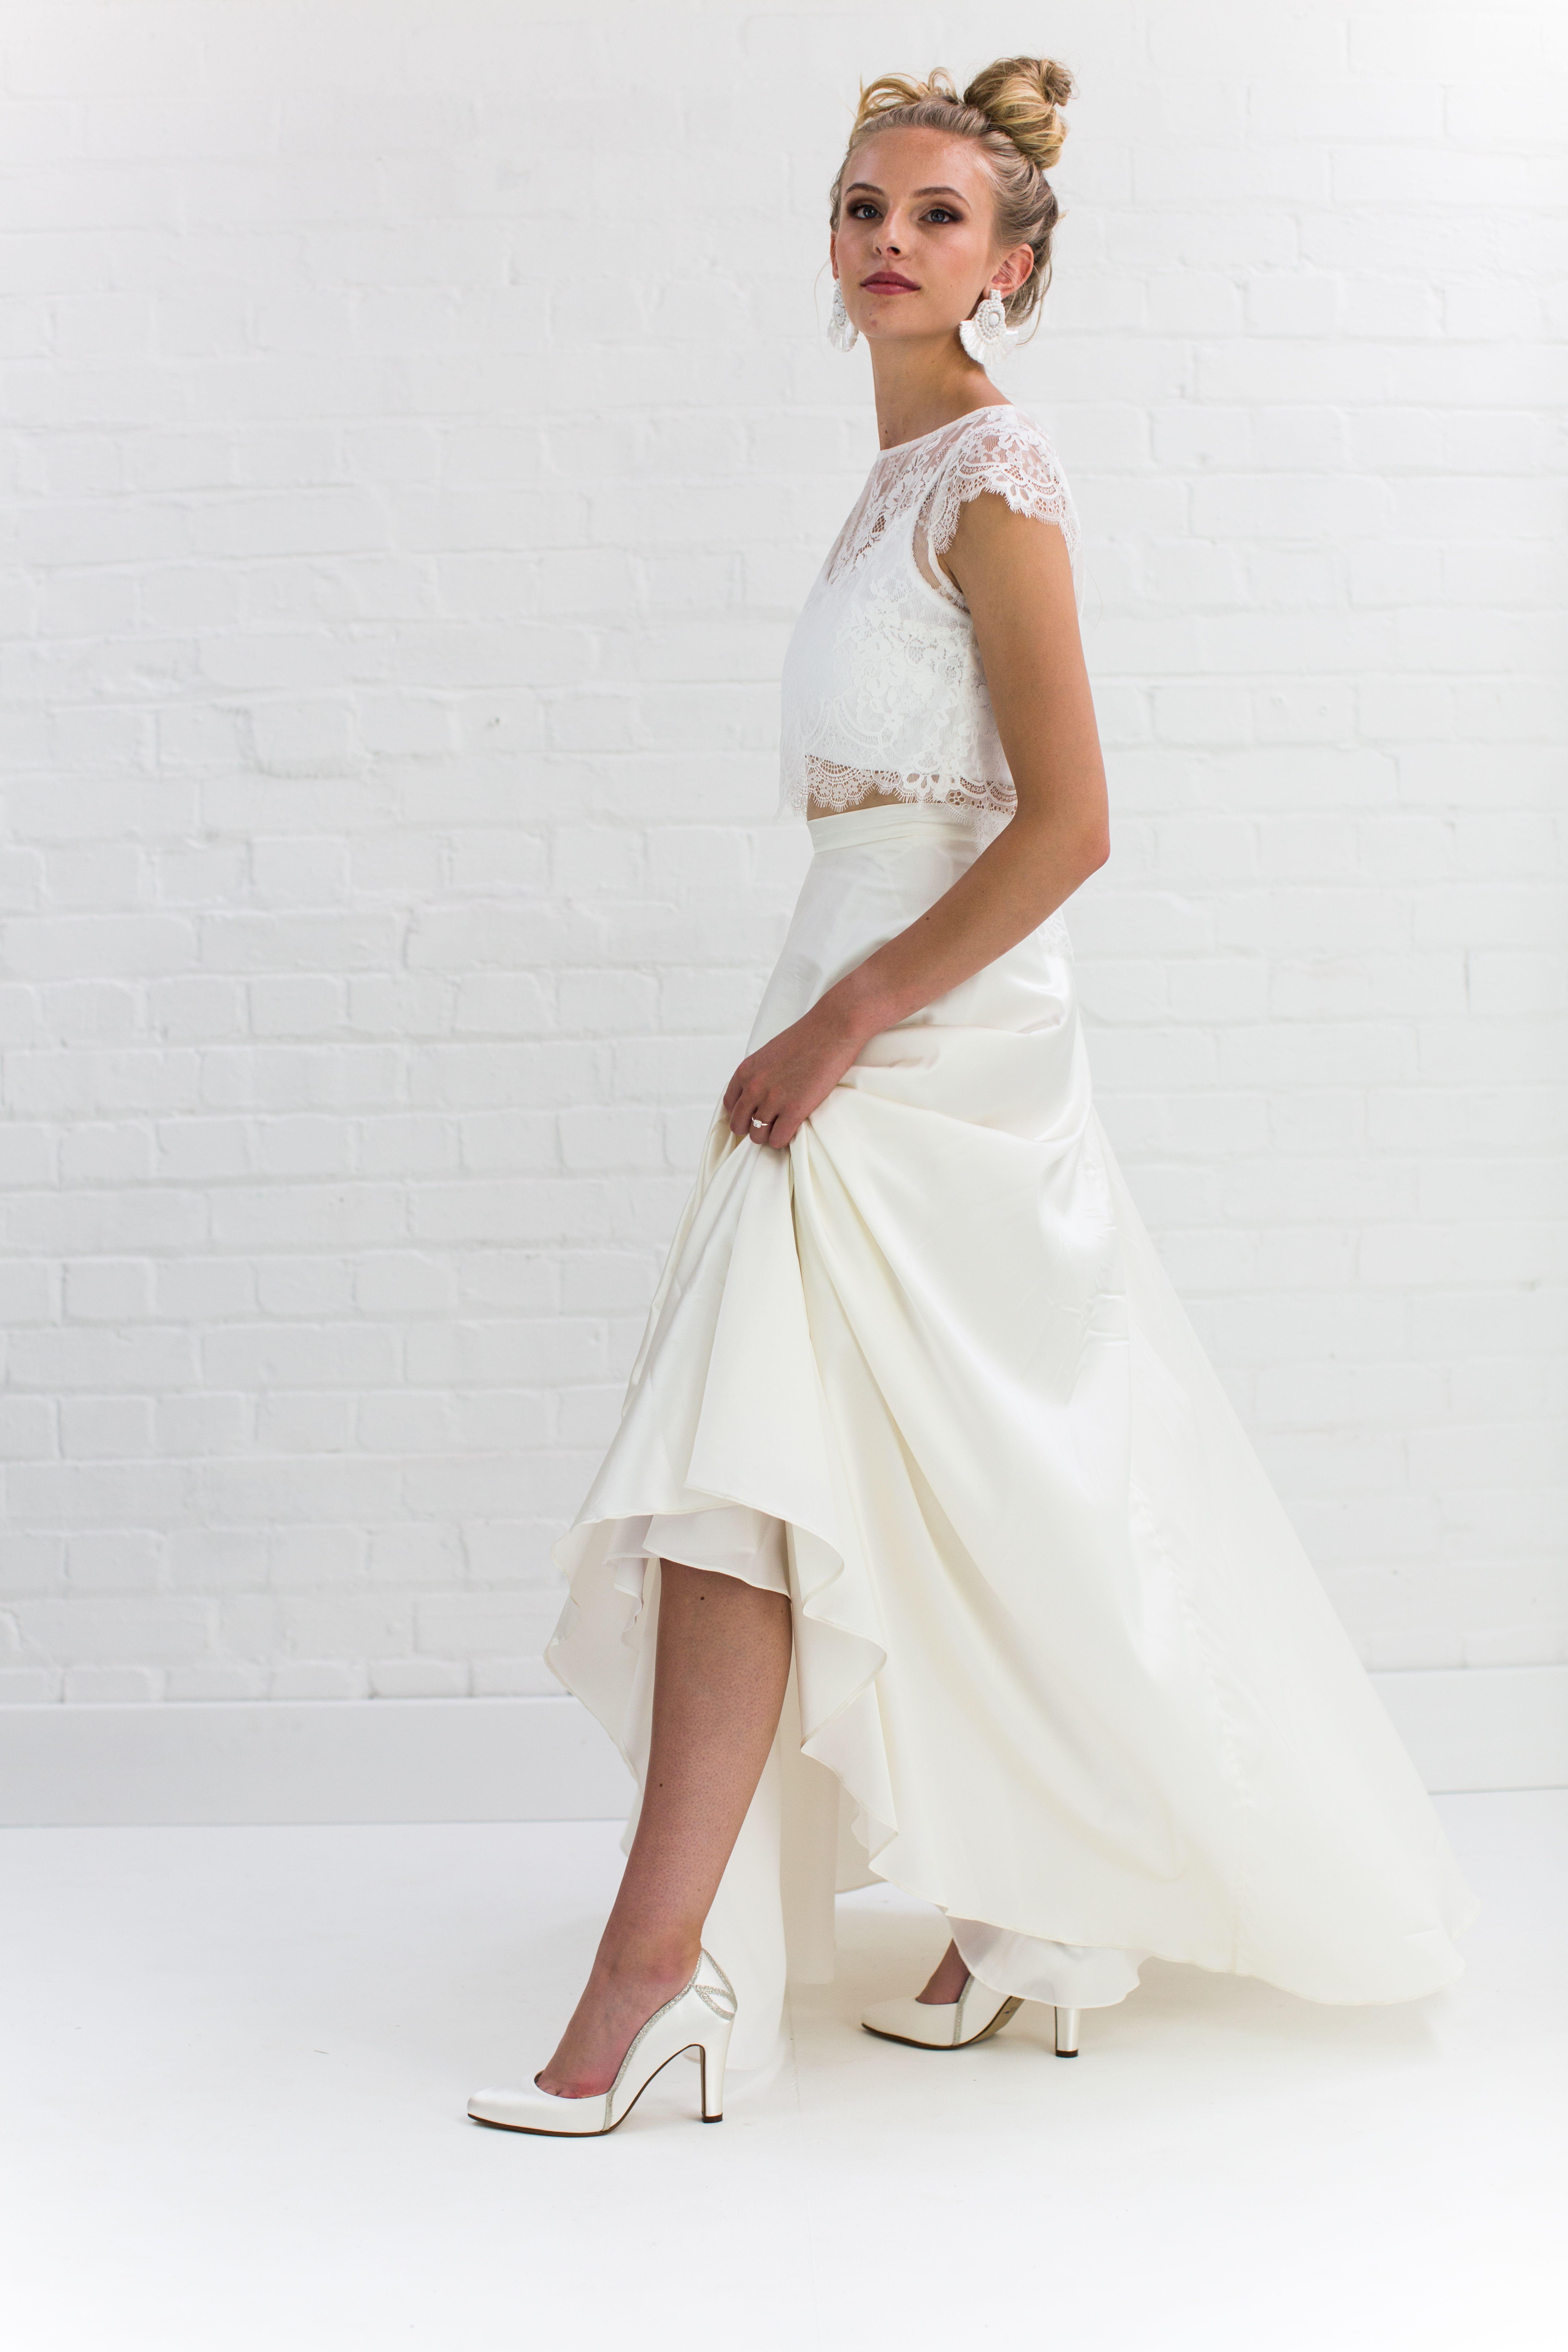 Kourtney Bridal Shoes Wedding Shoes Brautschuhe Bruidsschoenen